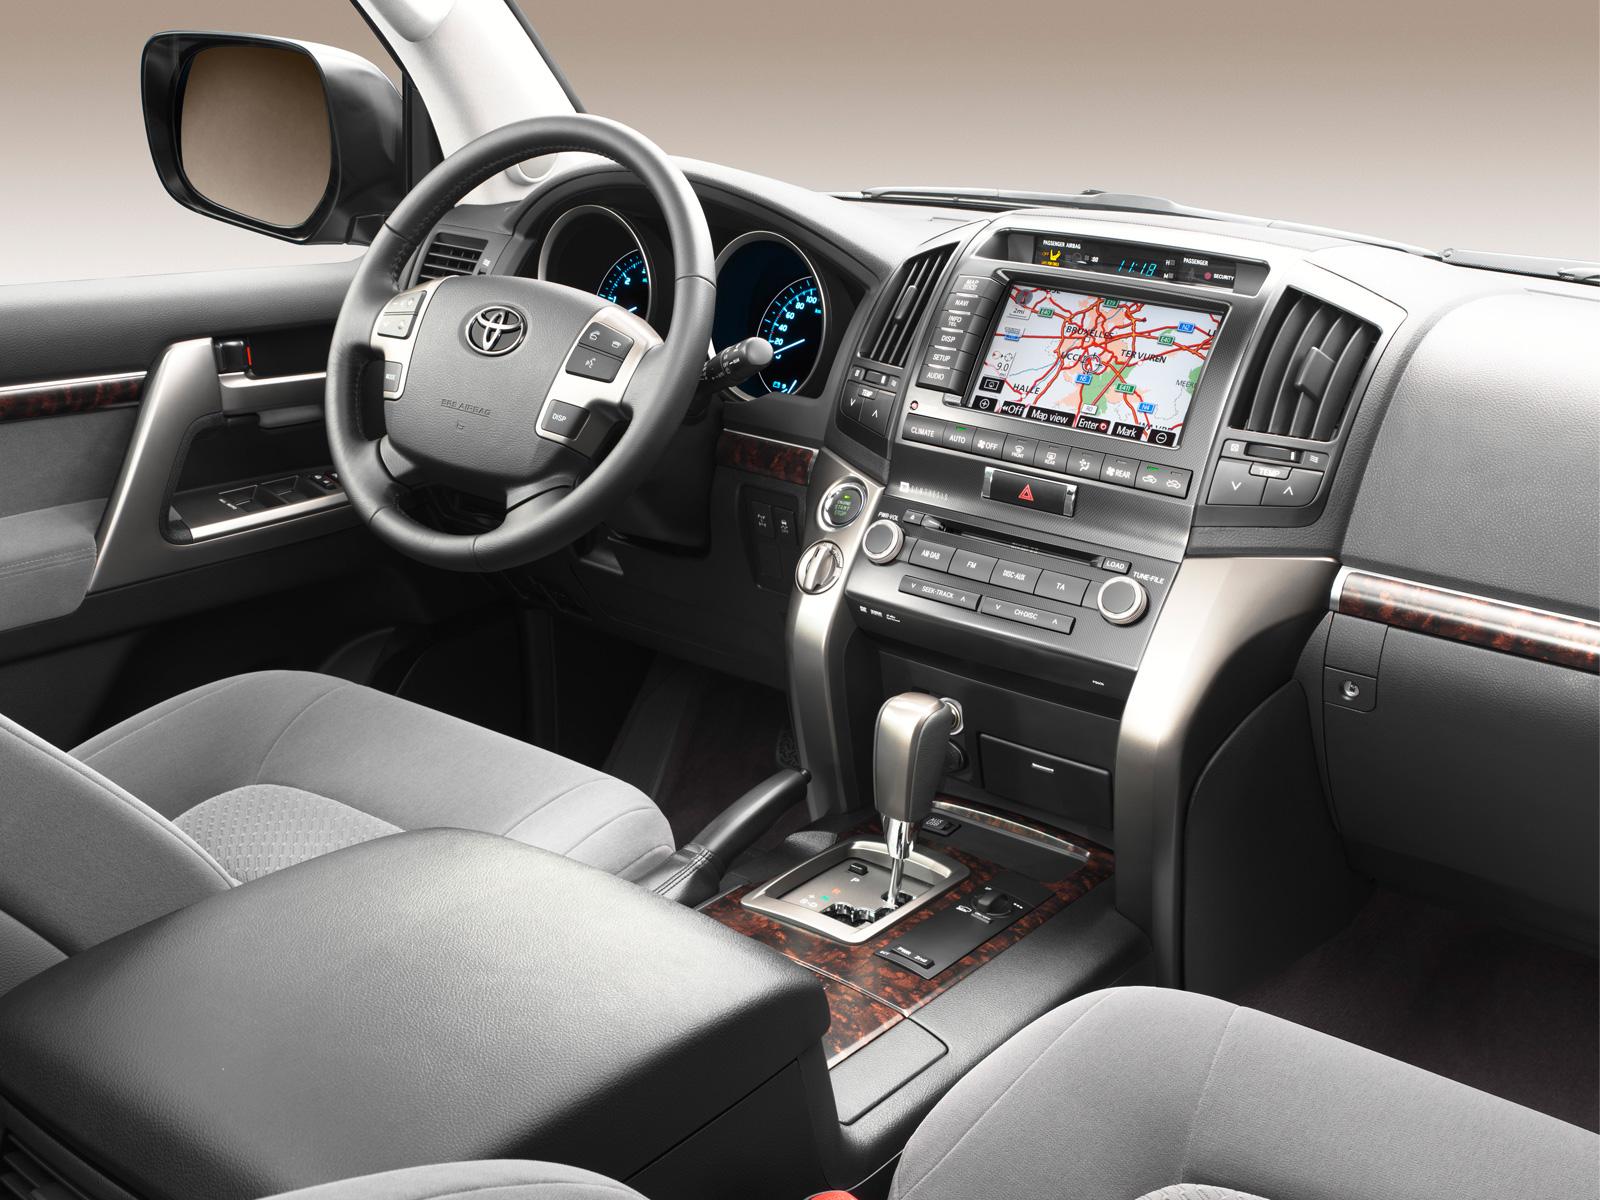 Toyota Land Cruiser V8 2011 Interior Flickr Photo Sharing